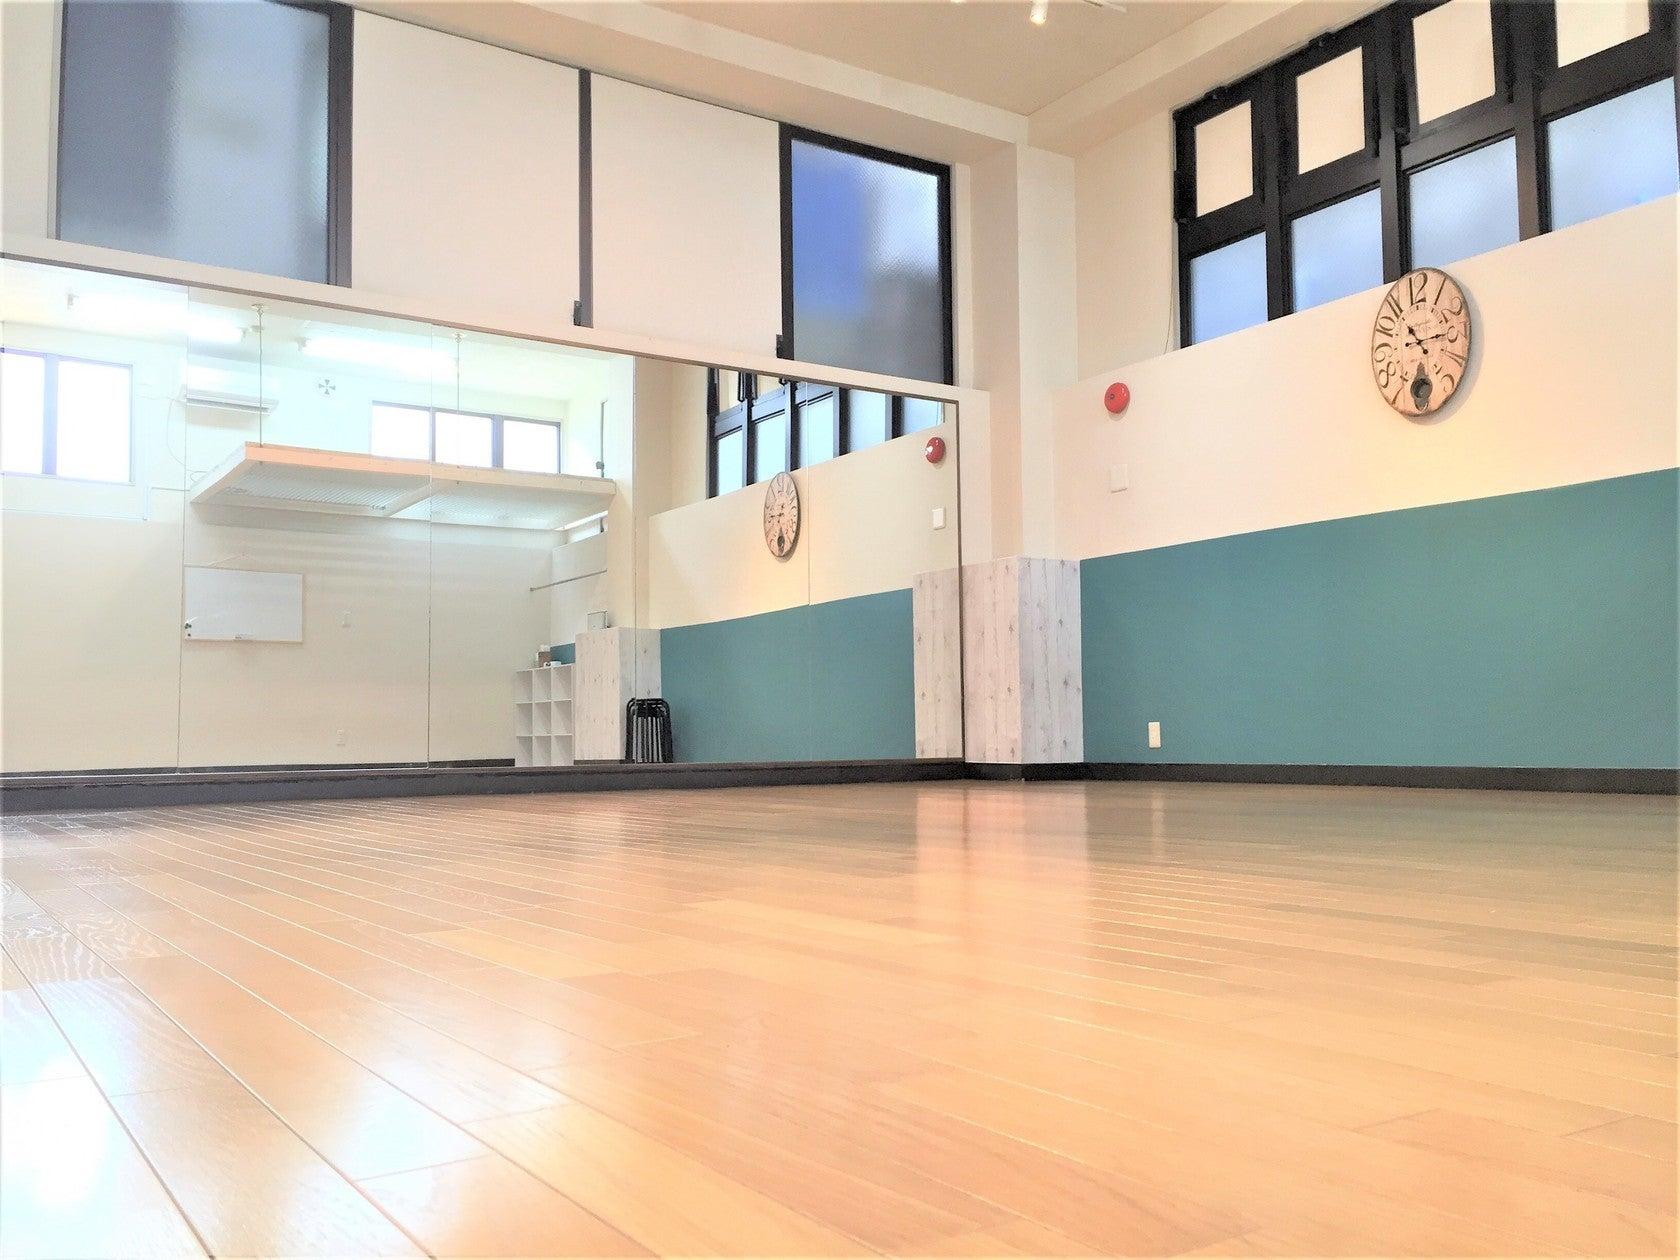 横浜・黄金町 OPEN特別価格でご案内♪1階・駅チカ!天井が高いダンススタジオ!広々とした綺麗なスペースです♪黄金町店